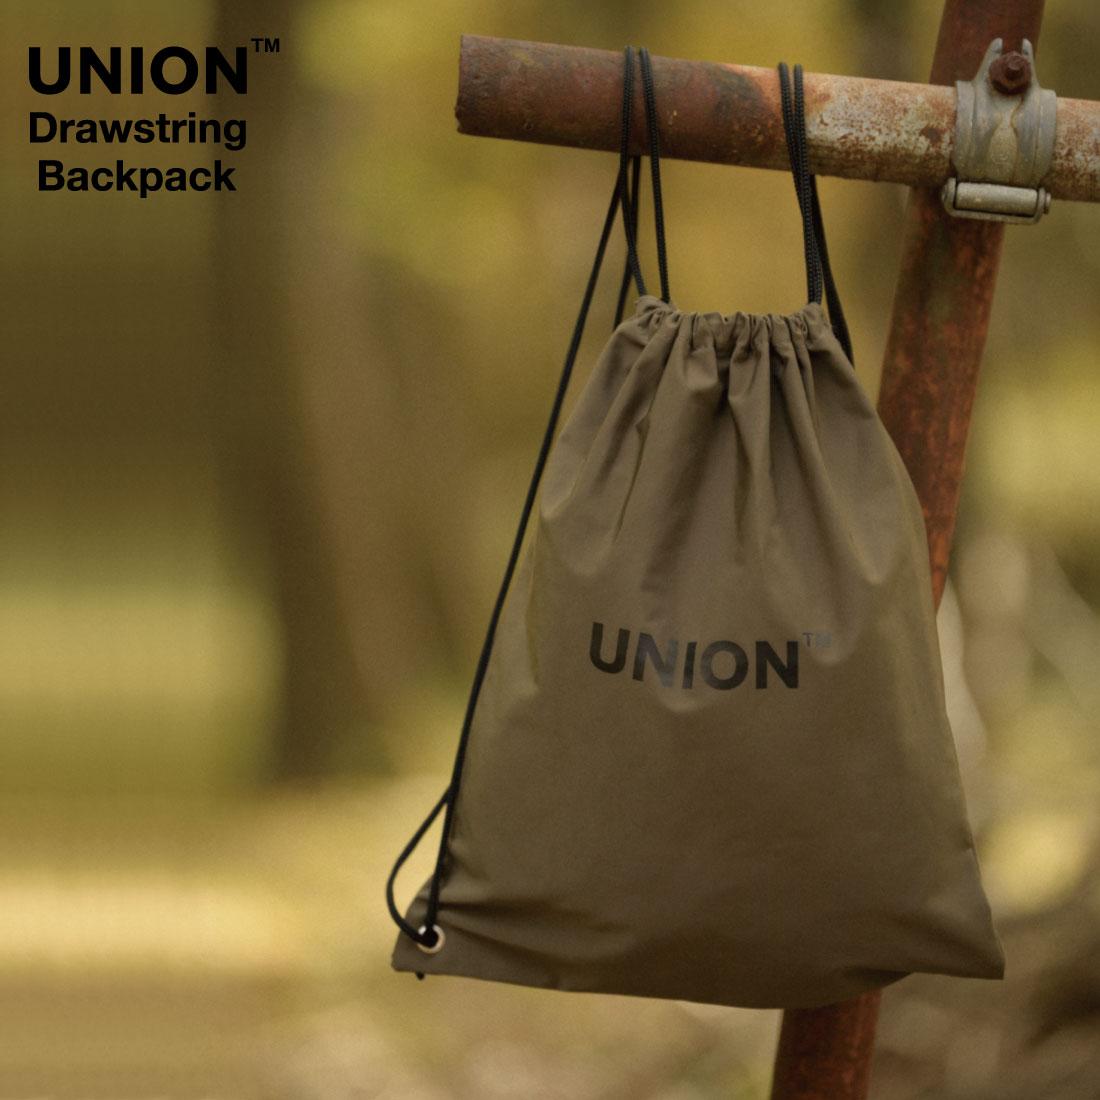 UNION/Drawstring Backpack/Knapsack/ユニオン/ドローストリング バックパック/ナップサック